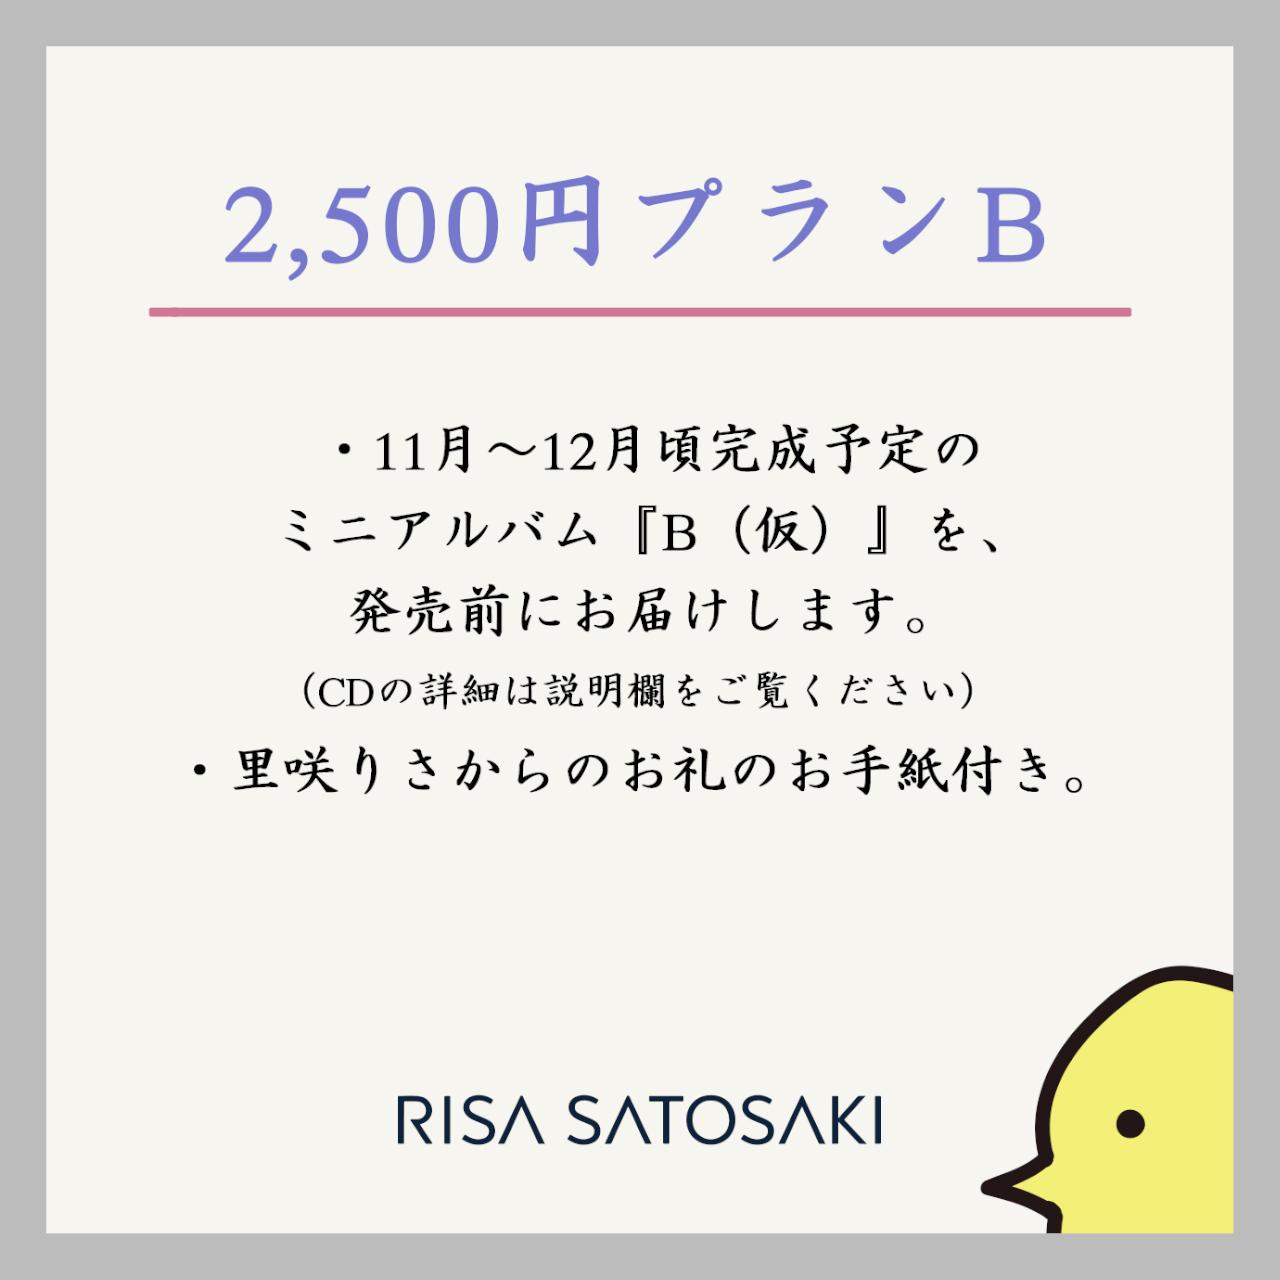 【ミニアルバム「B(仮)」事前購入プラン】2500円プランB